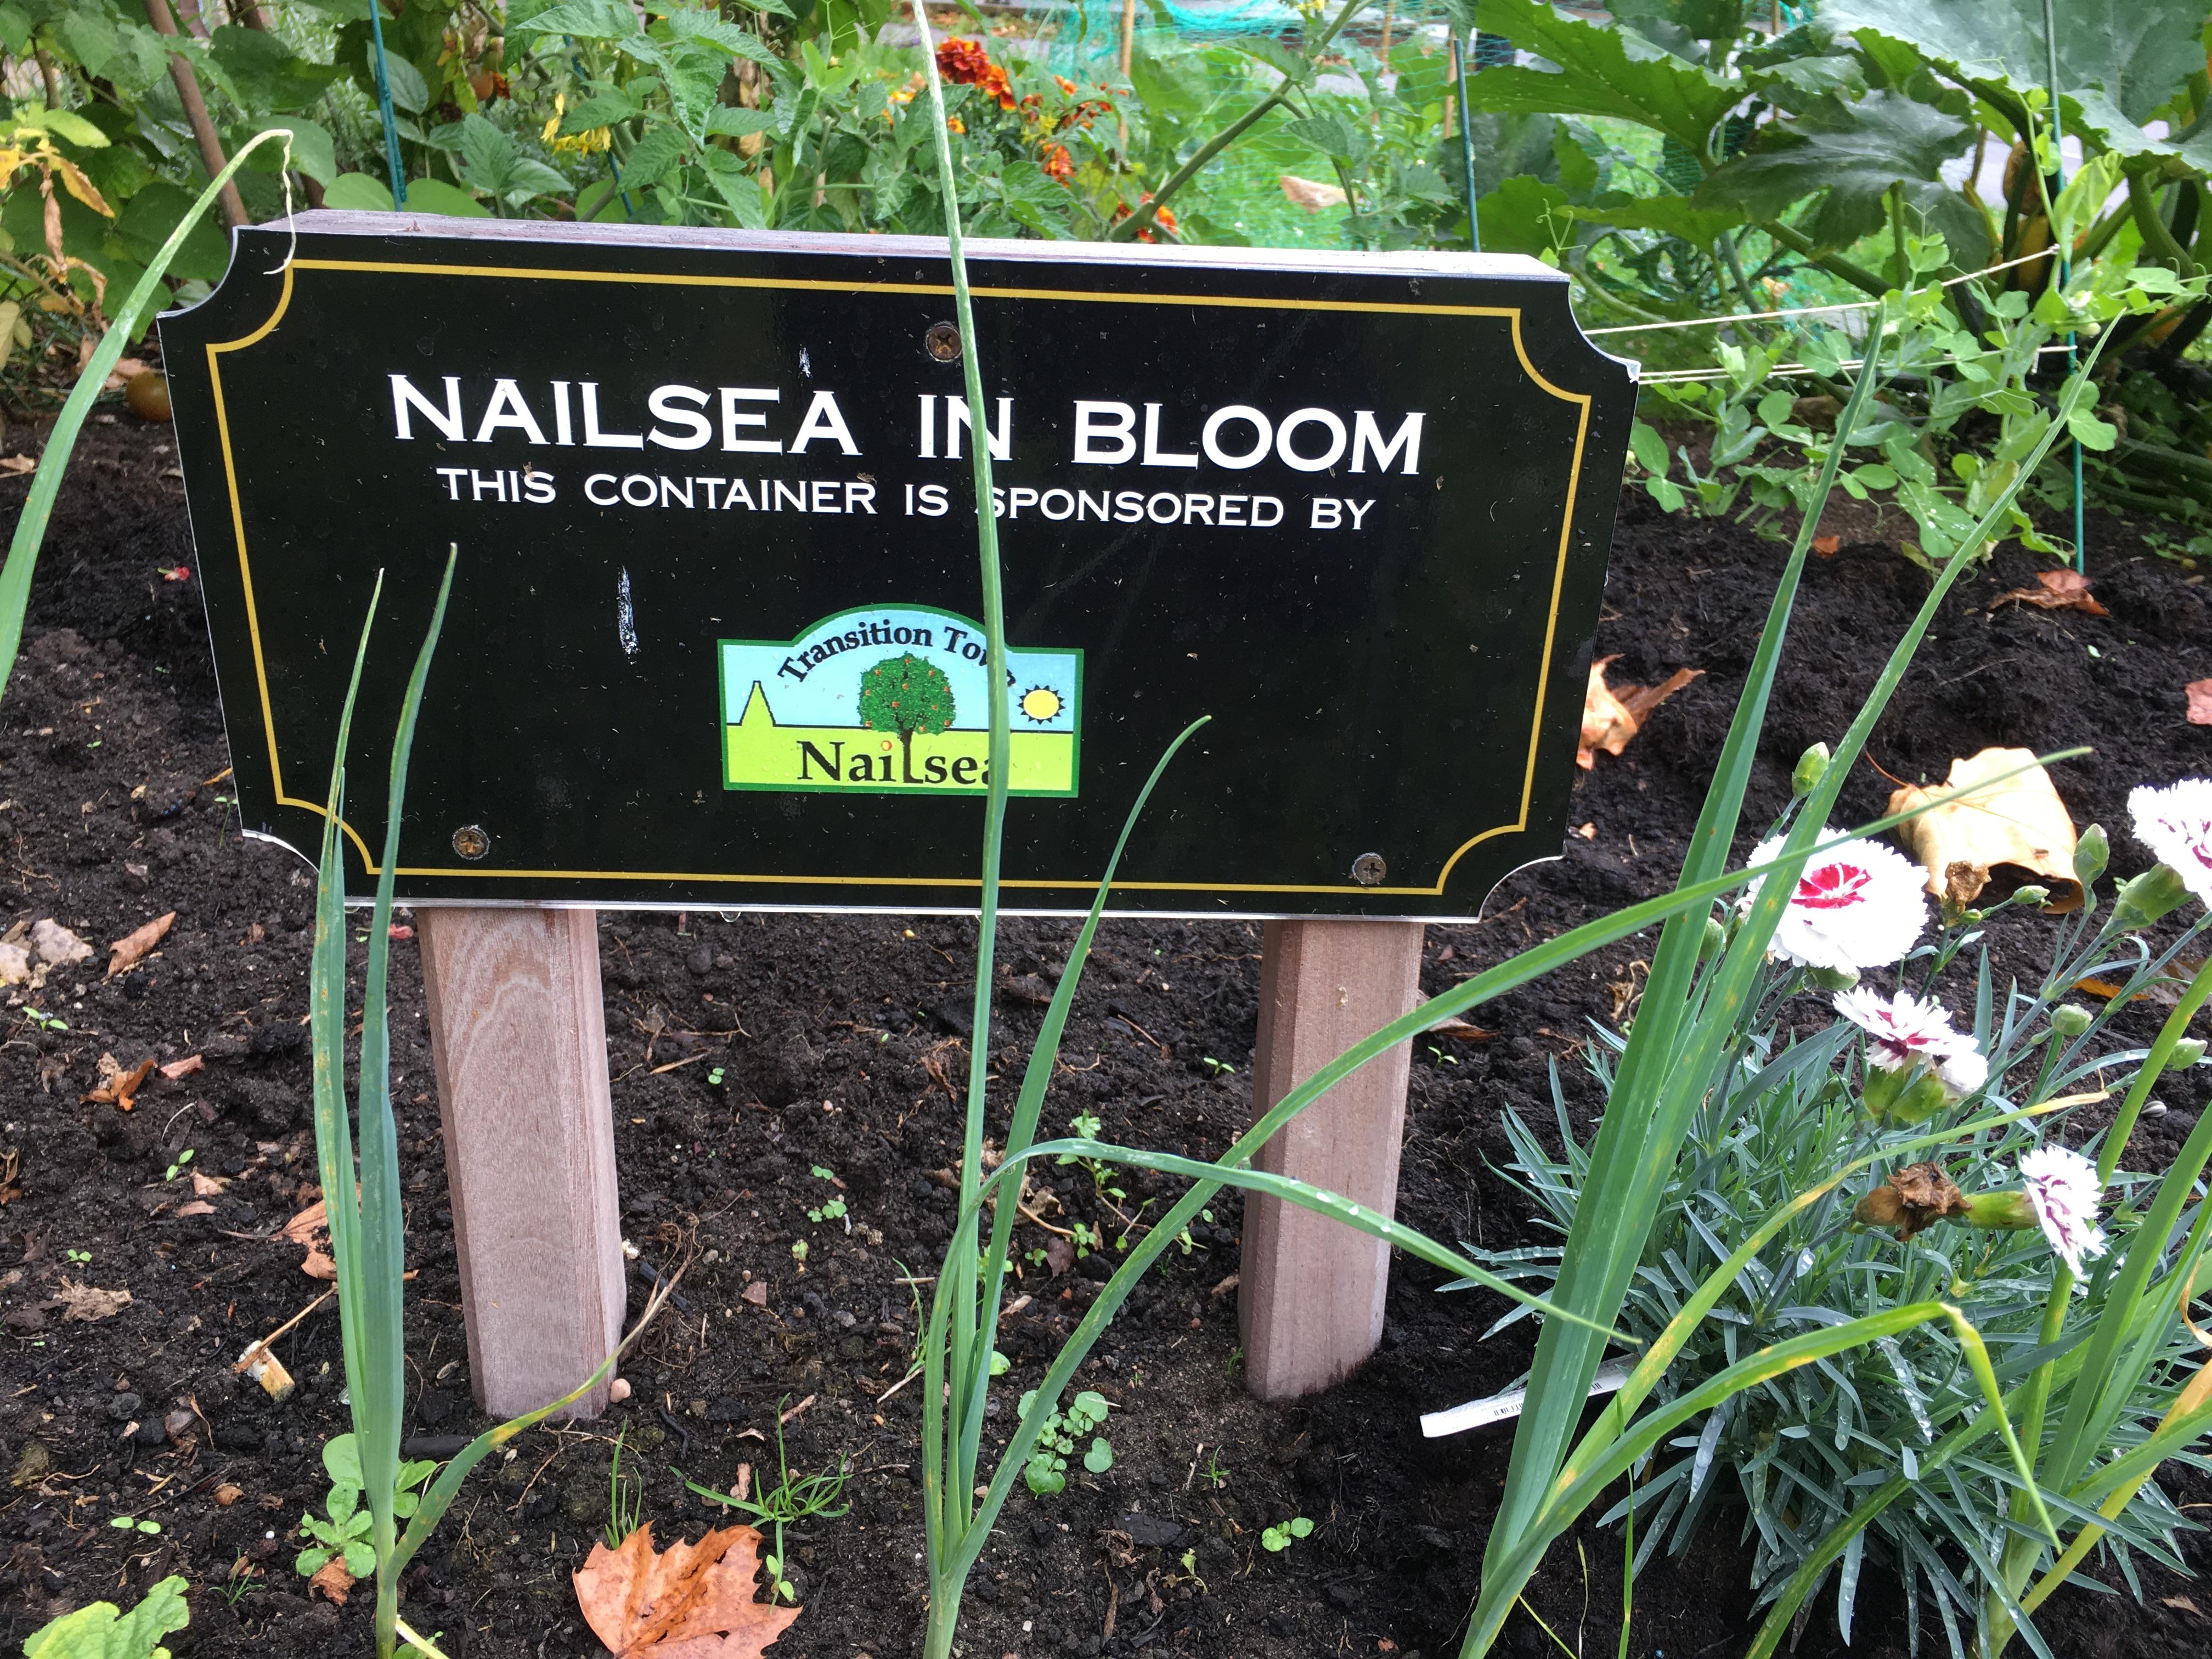 Nailsea In Bloom plaque